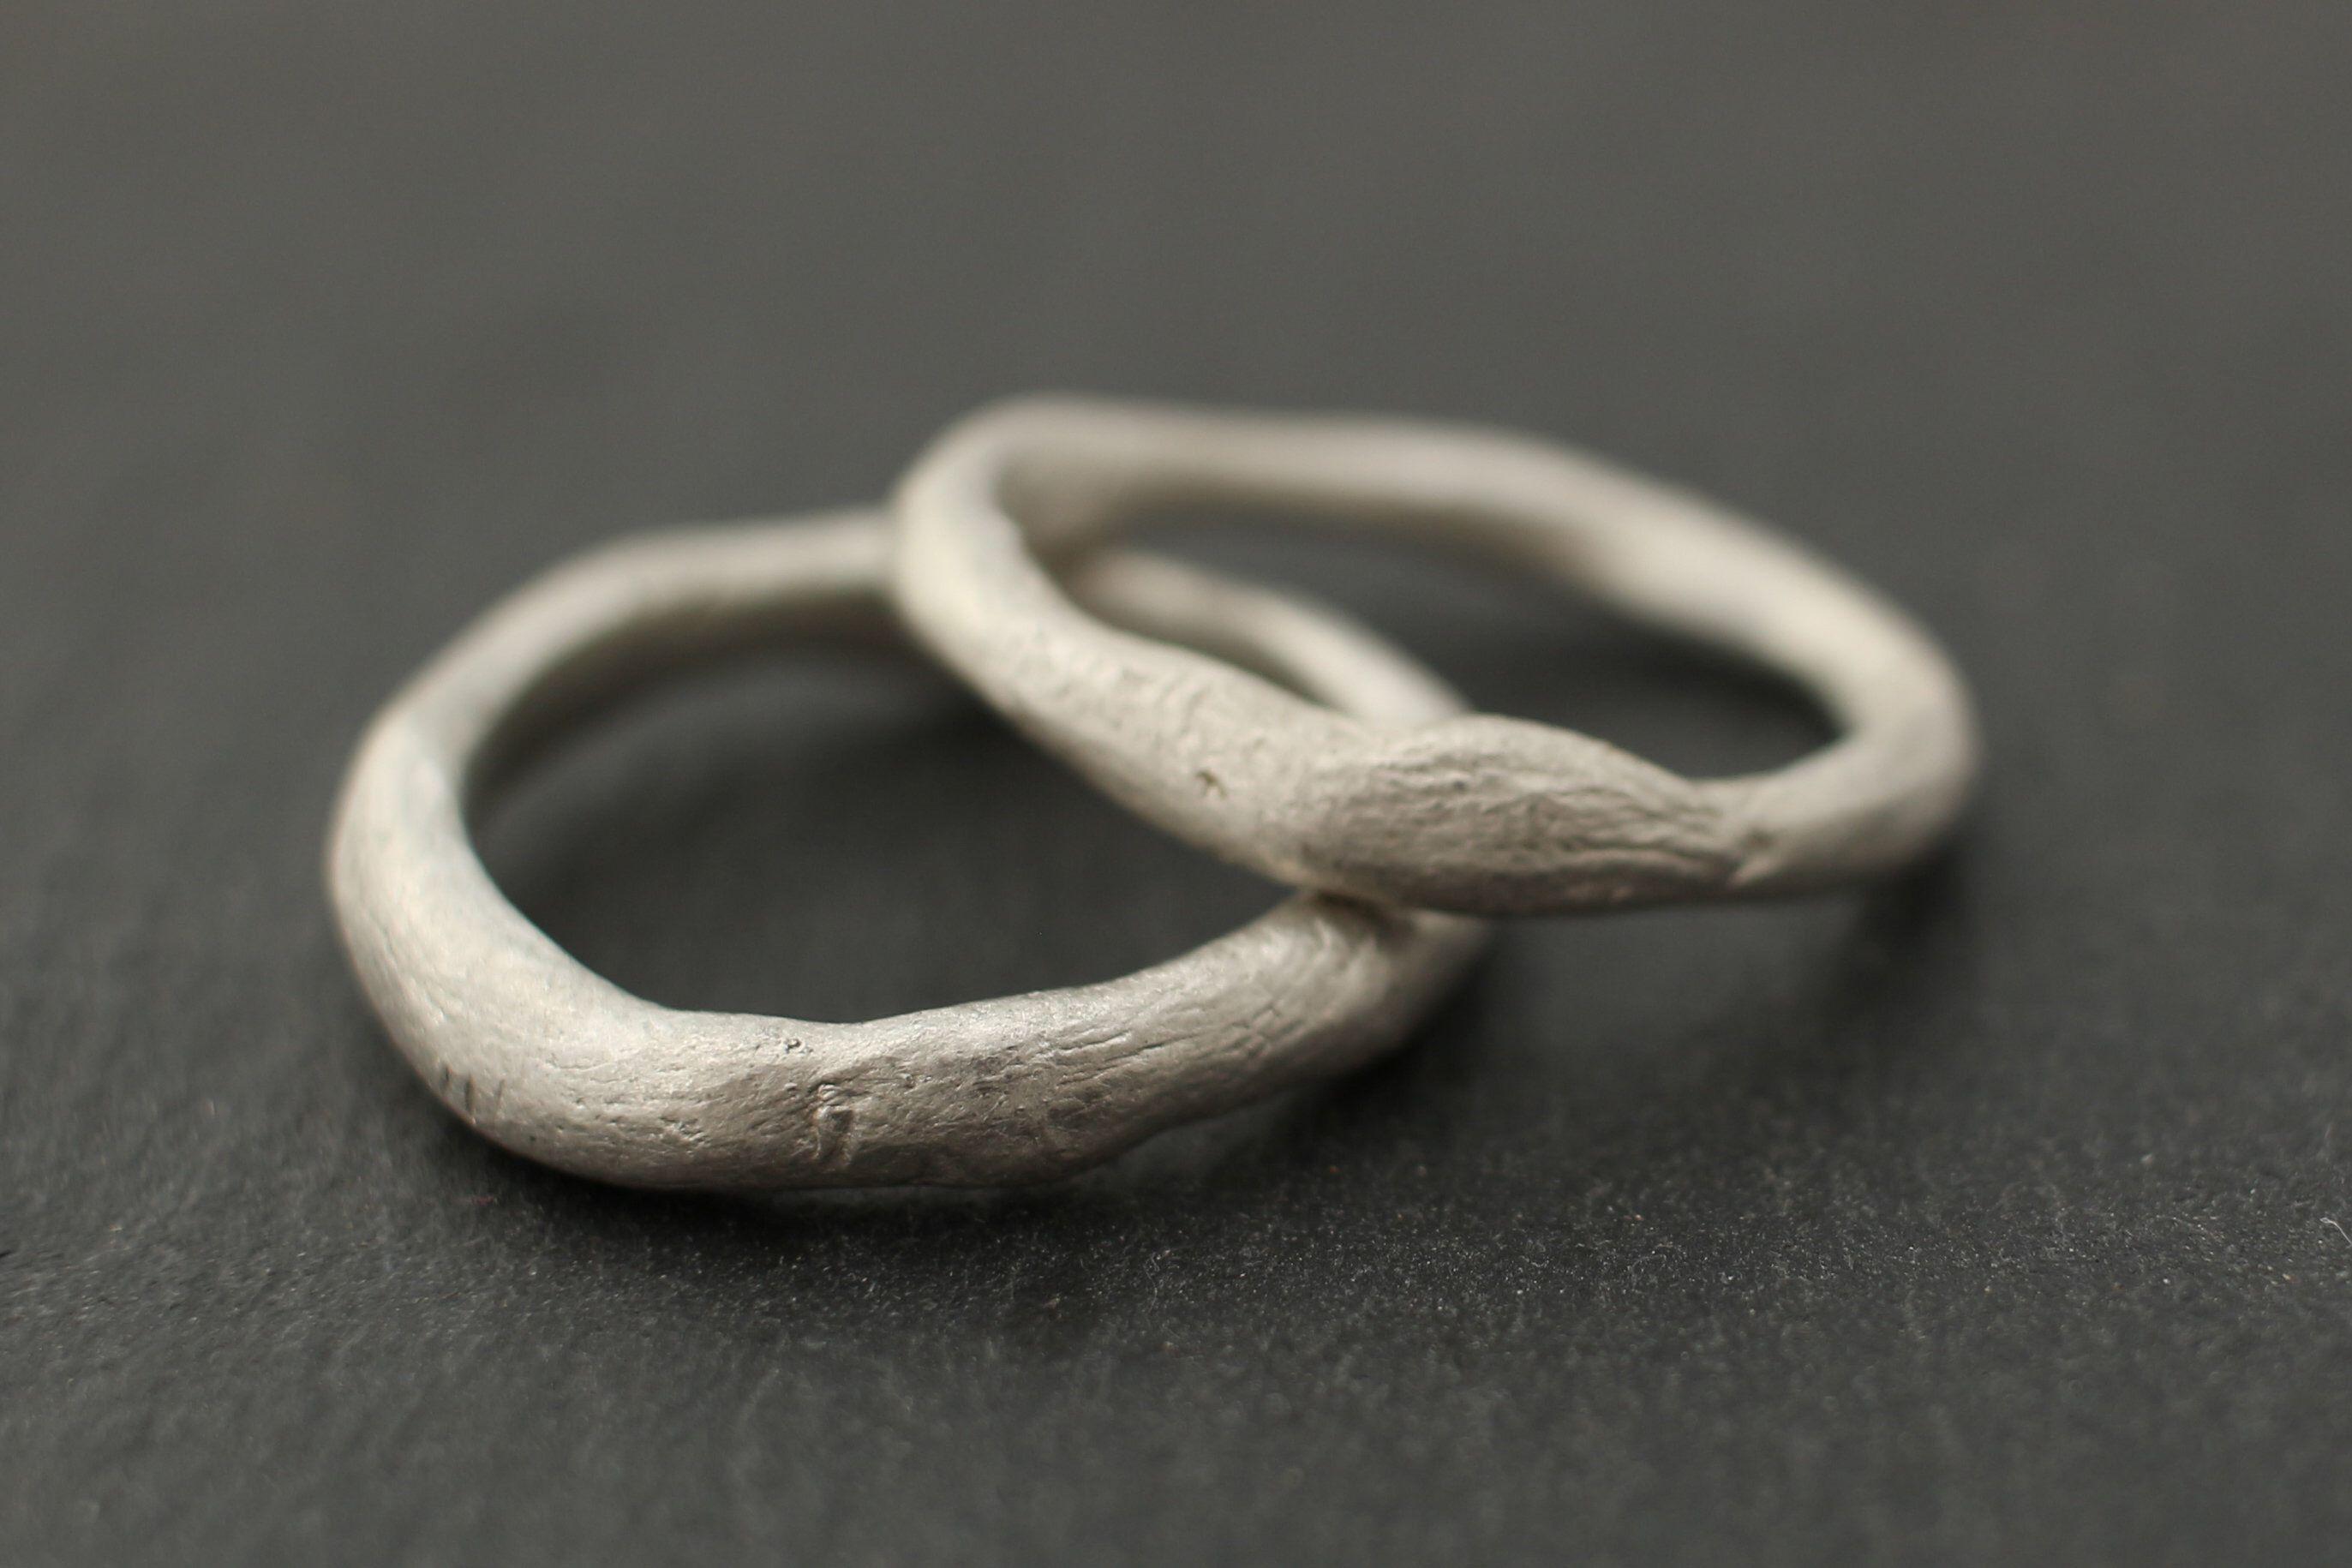 Aussergewöhnliche Eheringe Schlicht Organisch Silber Etsy Ehering Schlicht Außergewöhnliche Eheringe Trauringe Einfach